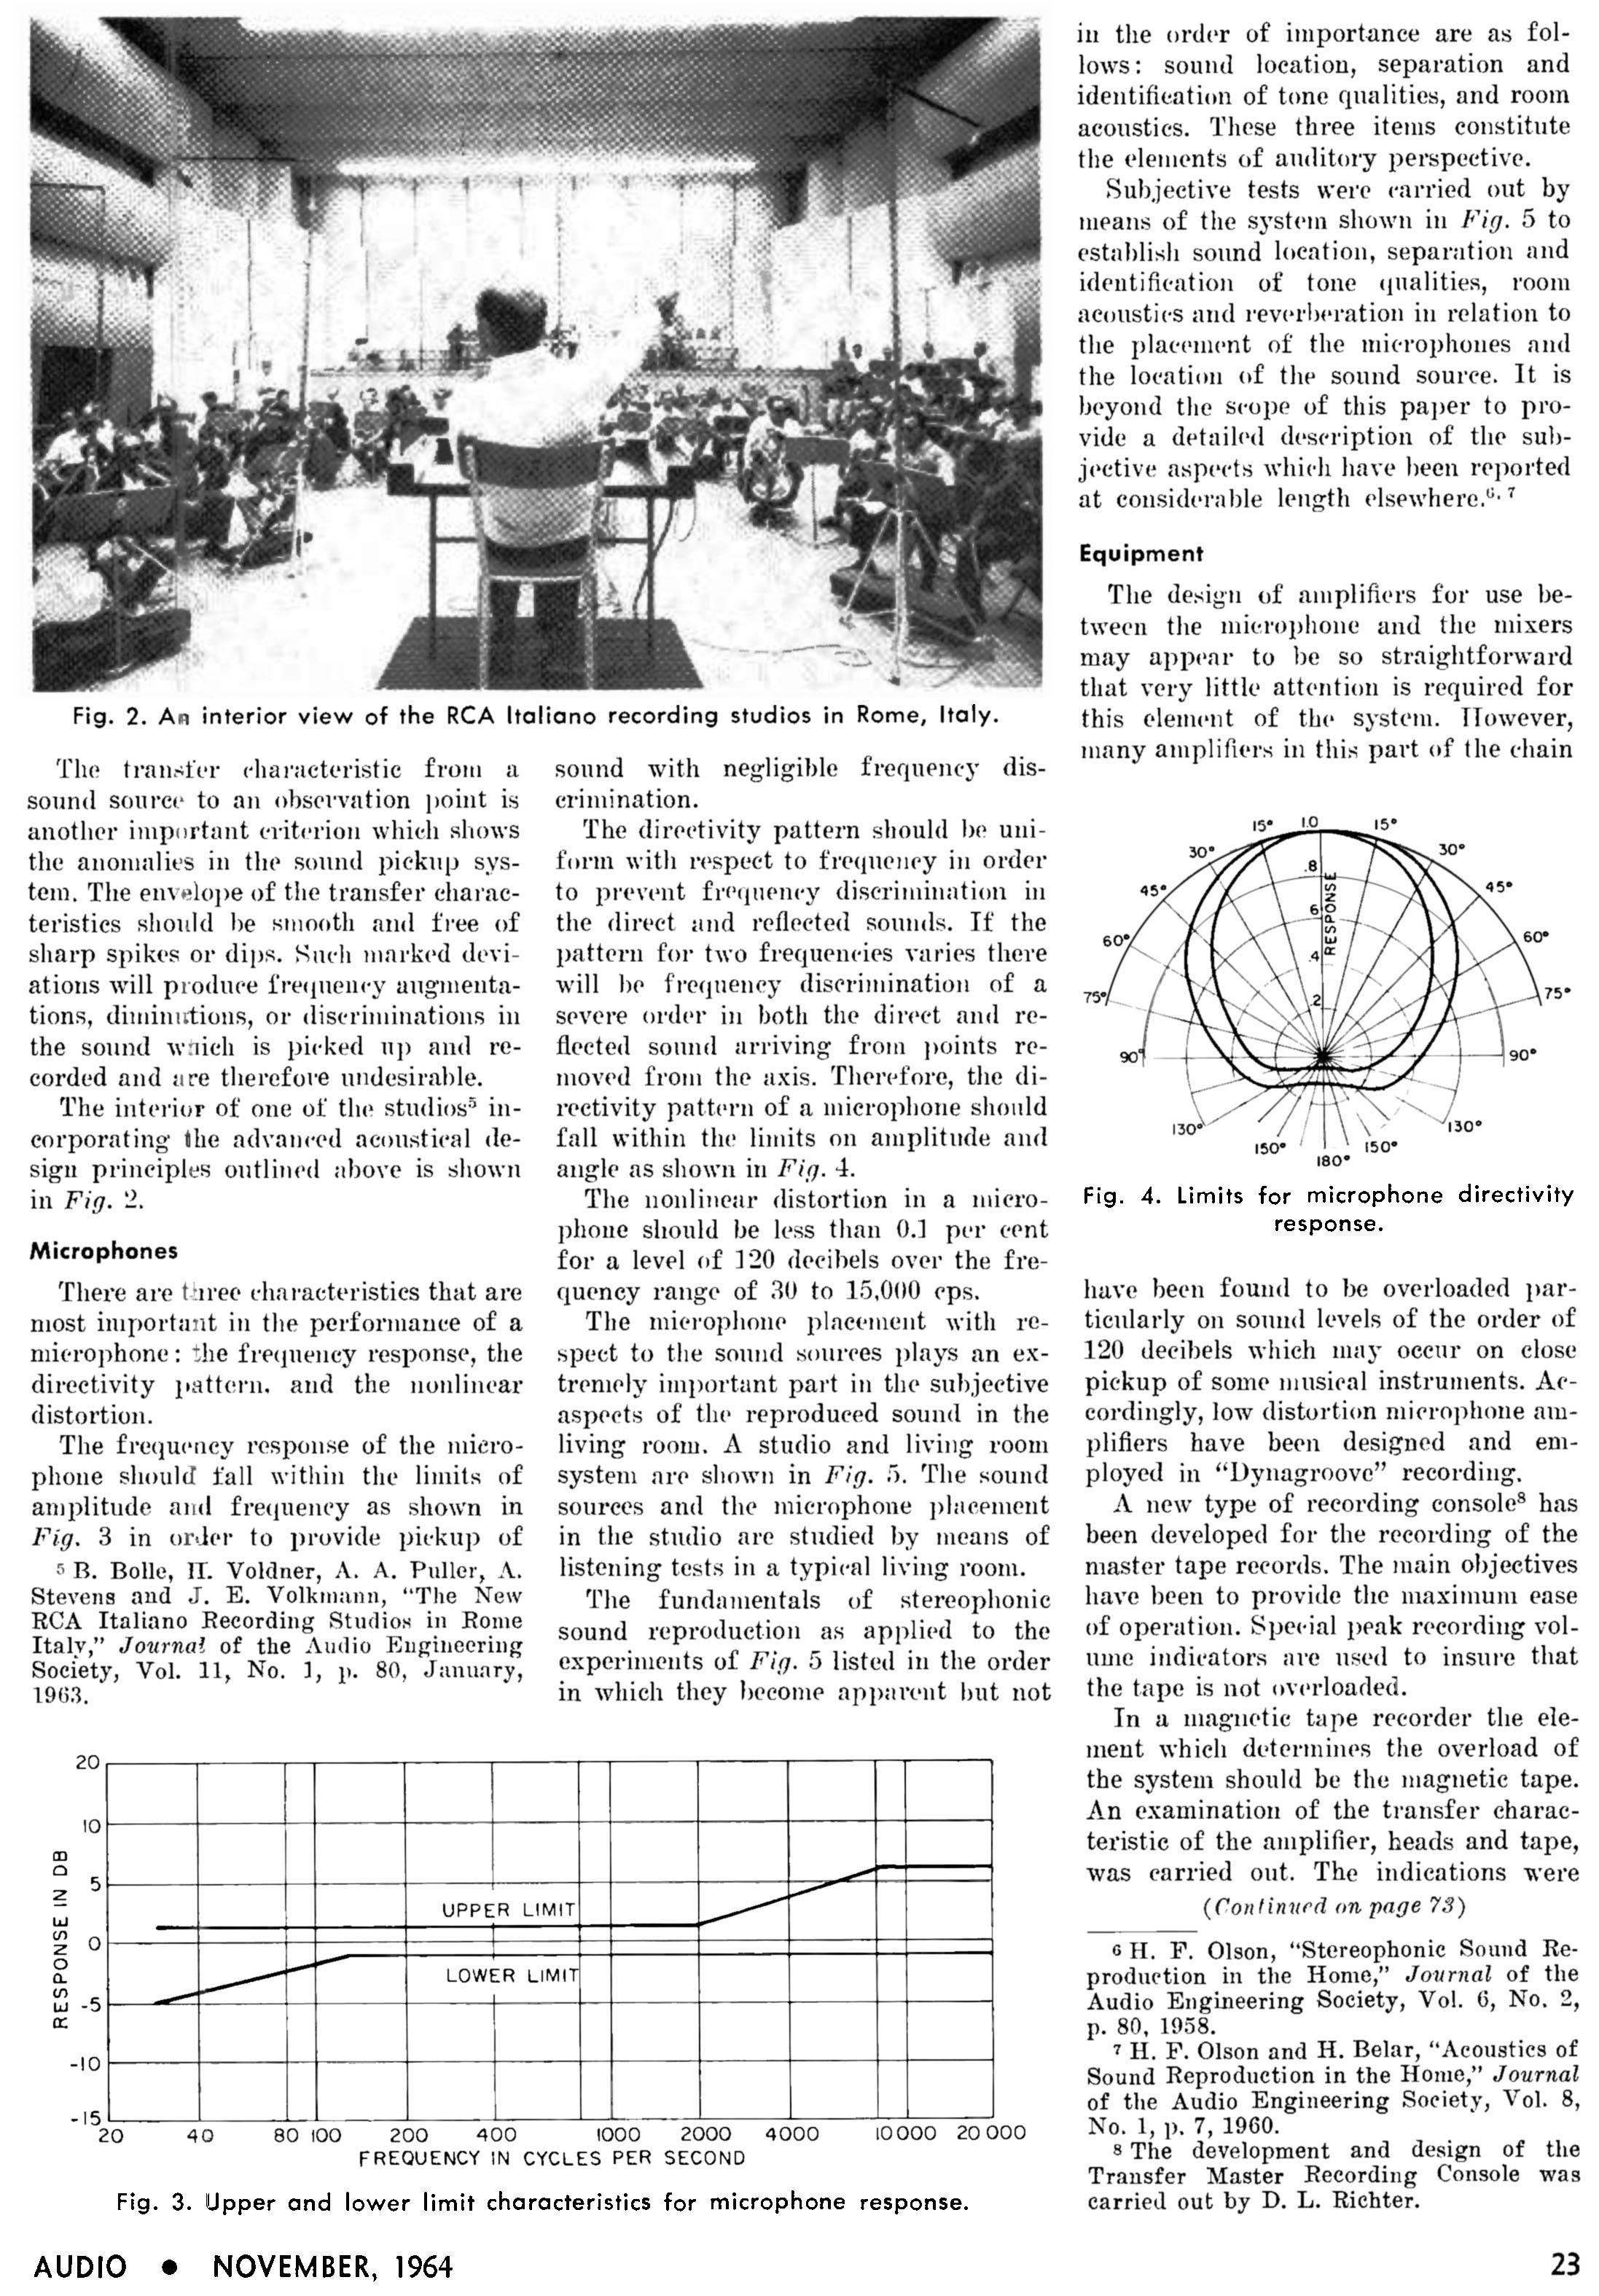 Audio-1964-11 25